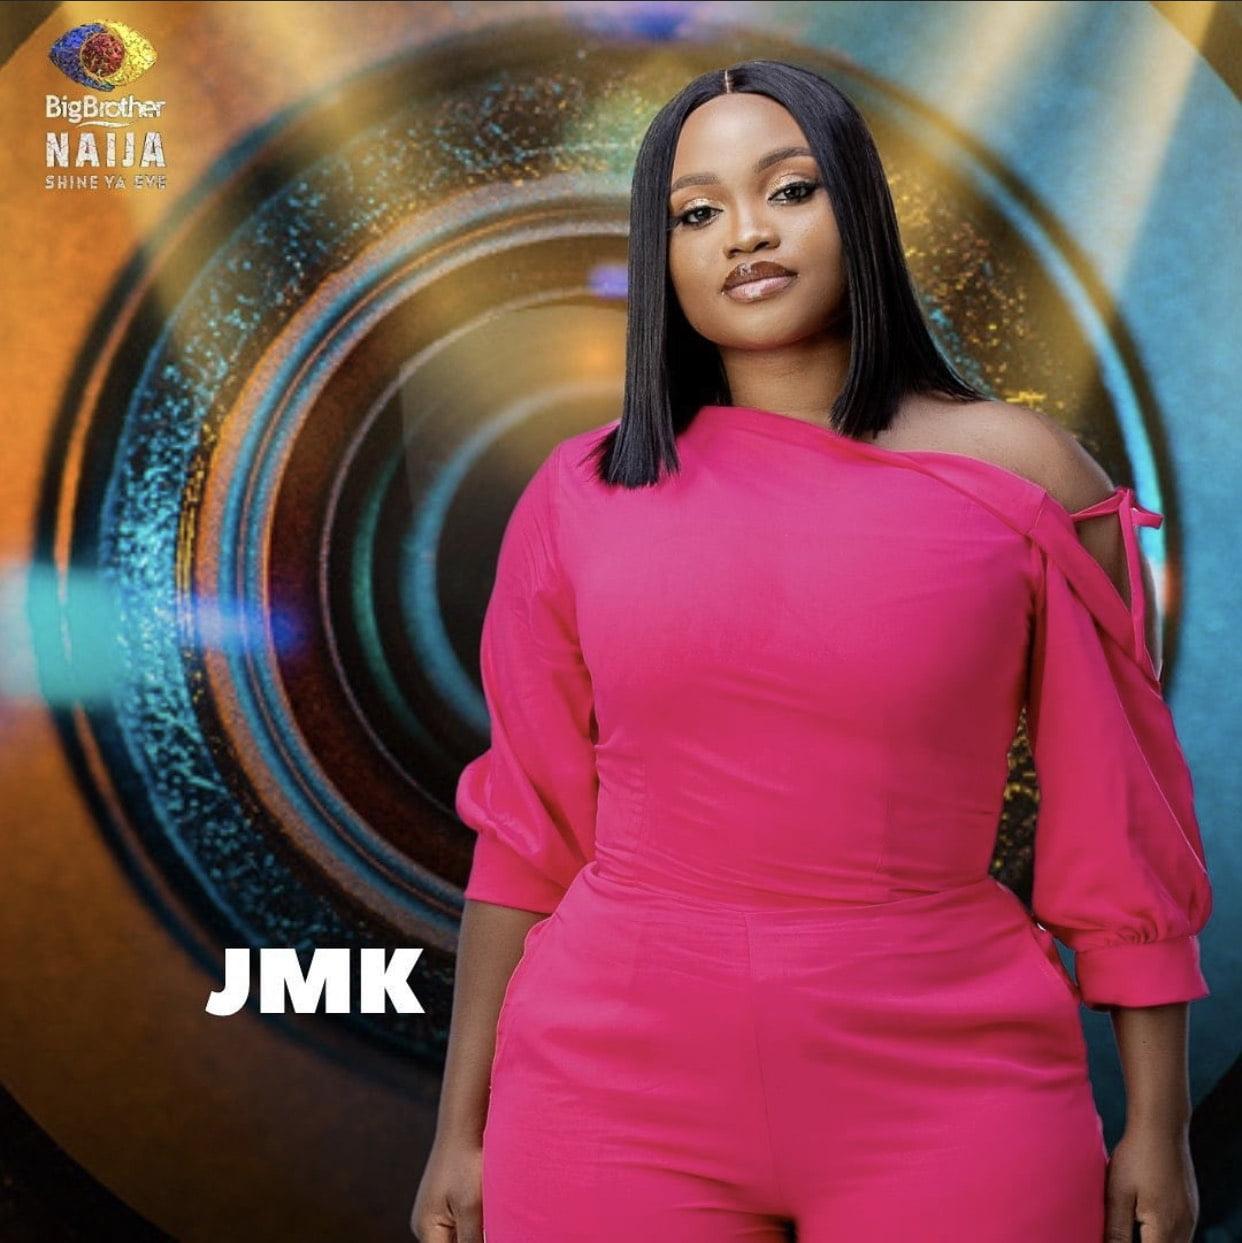 BBNaija: What I'll do to escape Maria's eviction – JMK